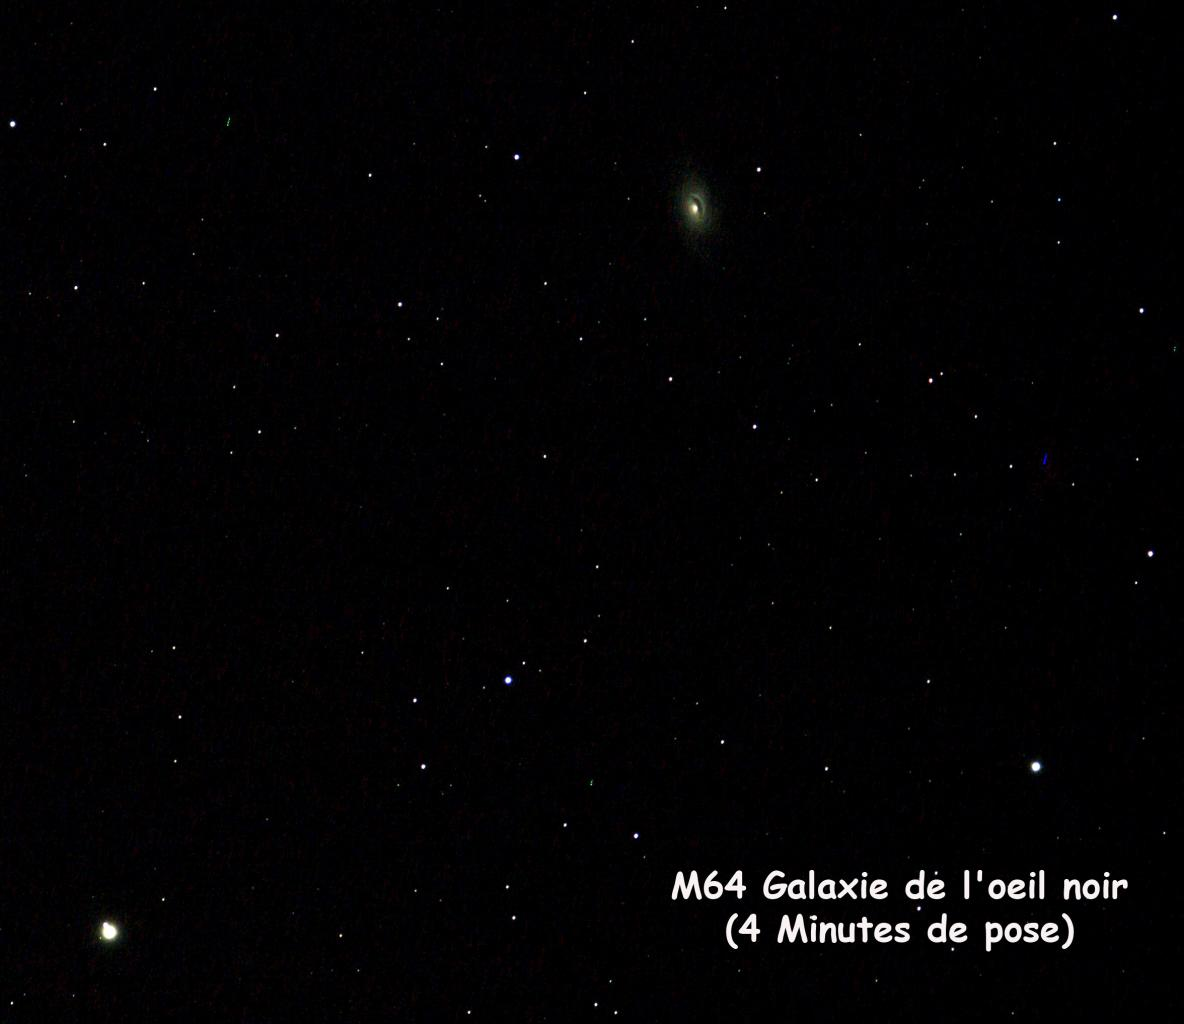 M64 Galaxie de l'oeil noir